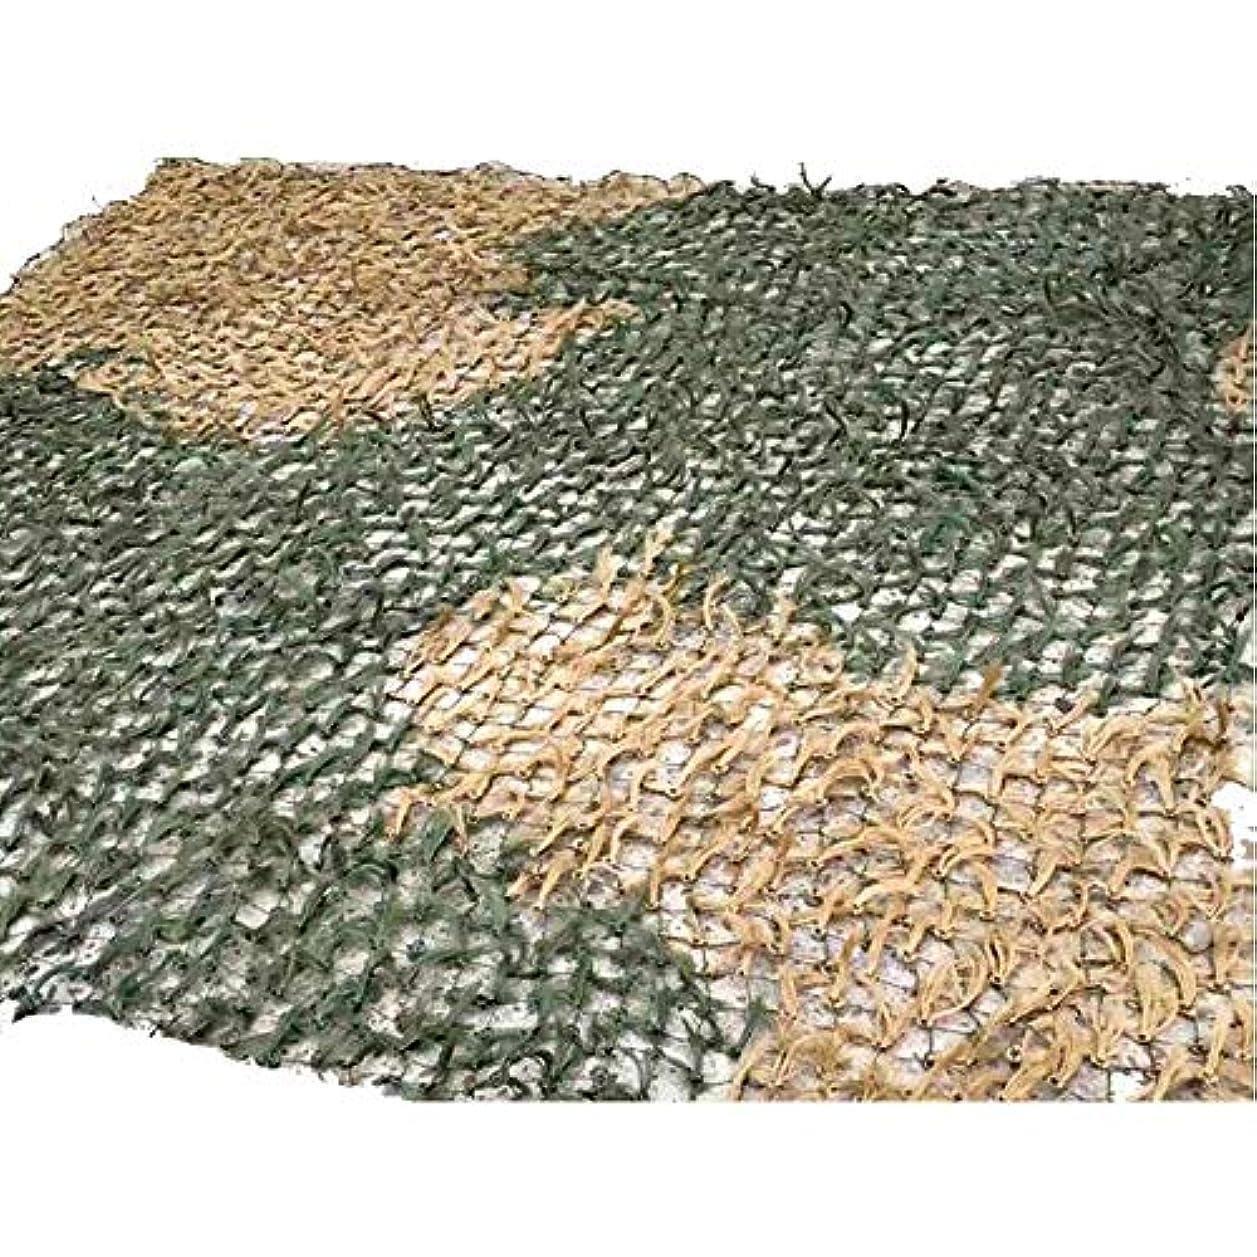 辛な雪変なXIAOLIN 迷彩マツ針迷彩ネット屋外シェードネット装飾草シミュレーション用トレーニング (色 : A, サイズ さいず : 4X4m)